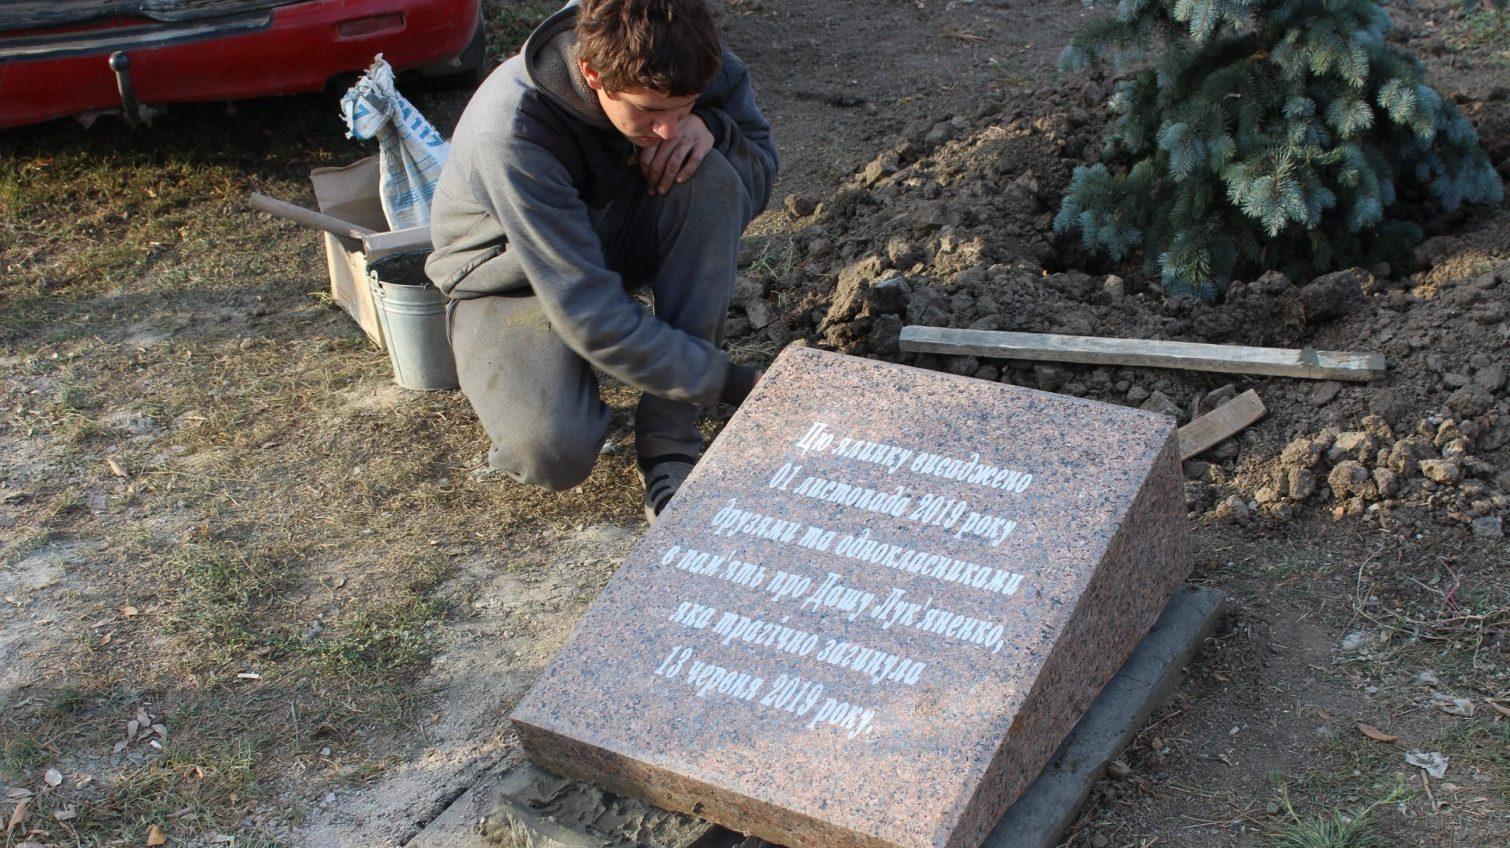 В Ивановке установили мемориальный камень в память об убитой школьнице Даше Лукьяненко (фото) «фото»